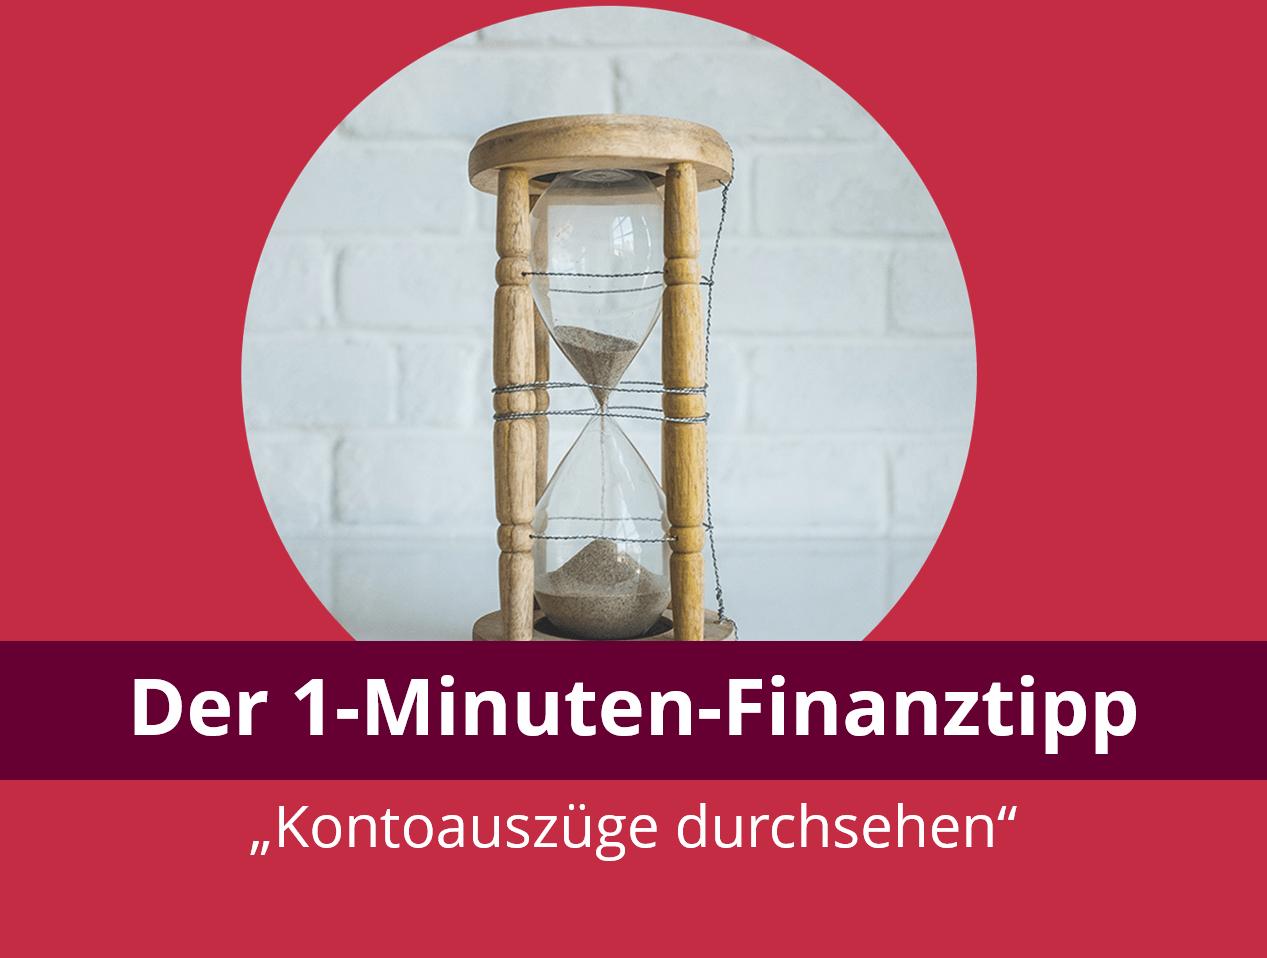 Der 1-Minuten-Finanztipp: Nimm Deine Kontoauszüge unter die Lupe